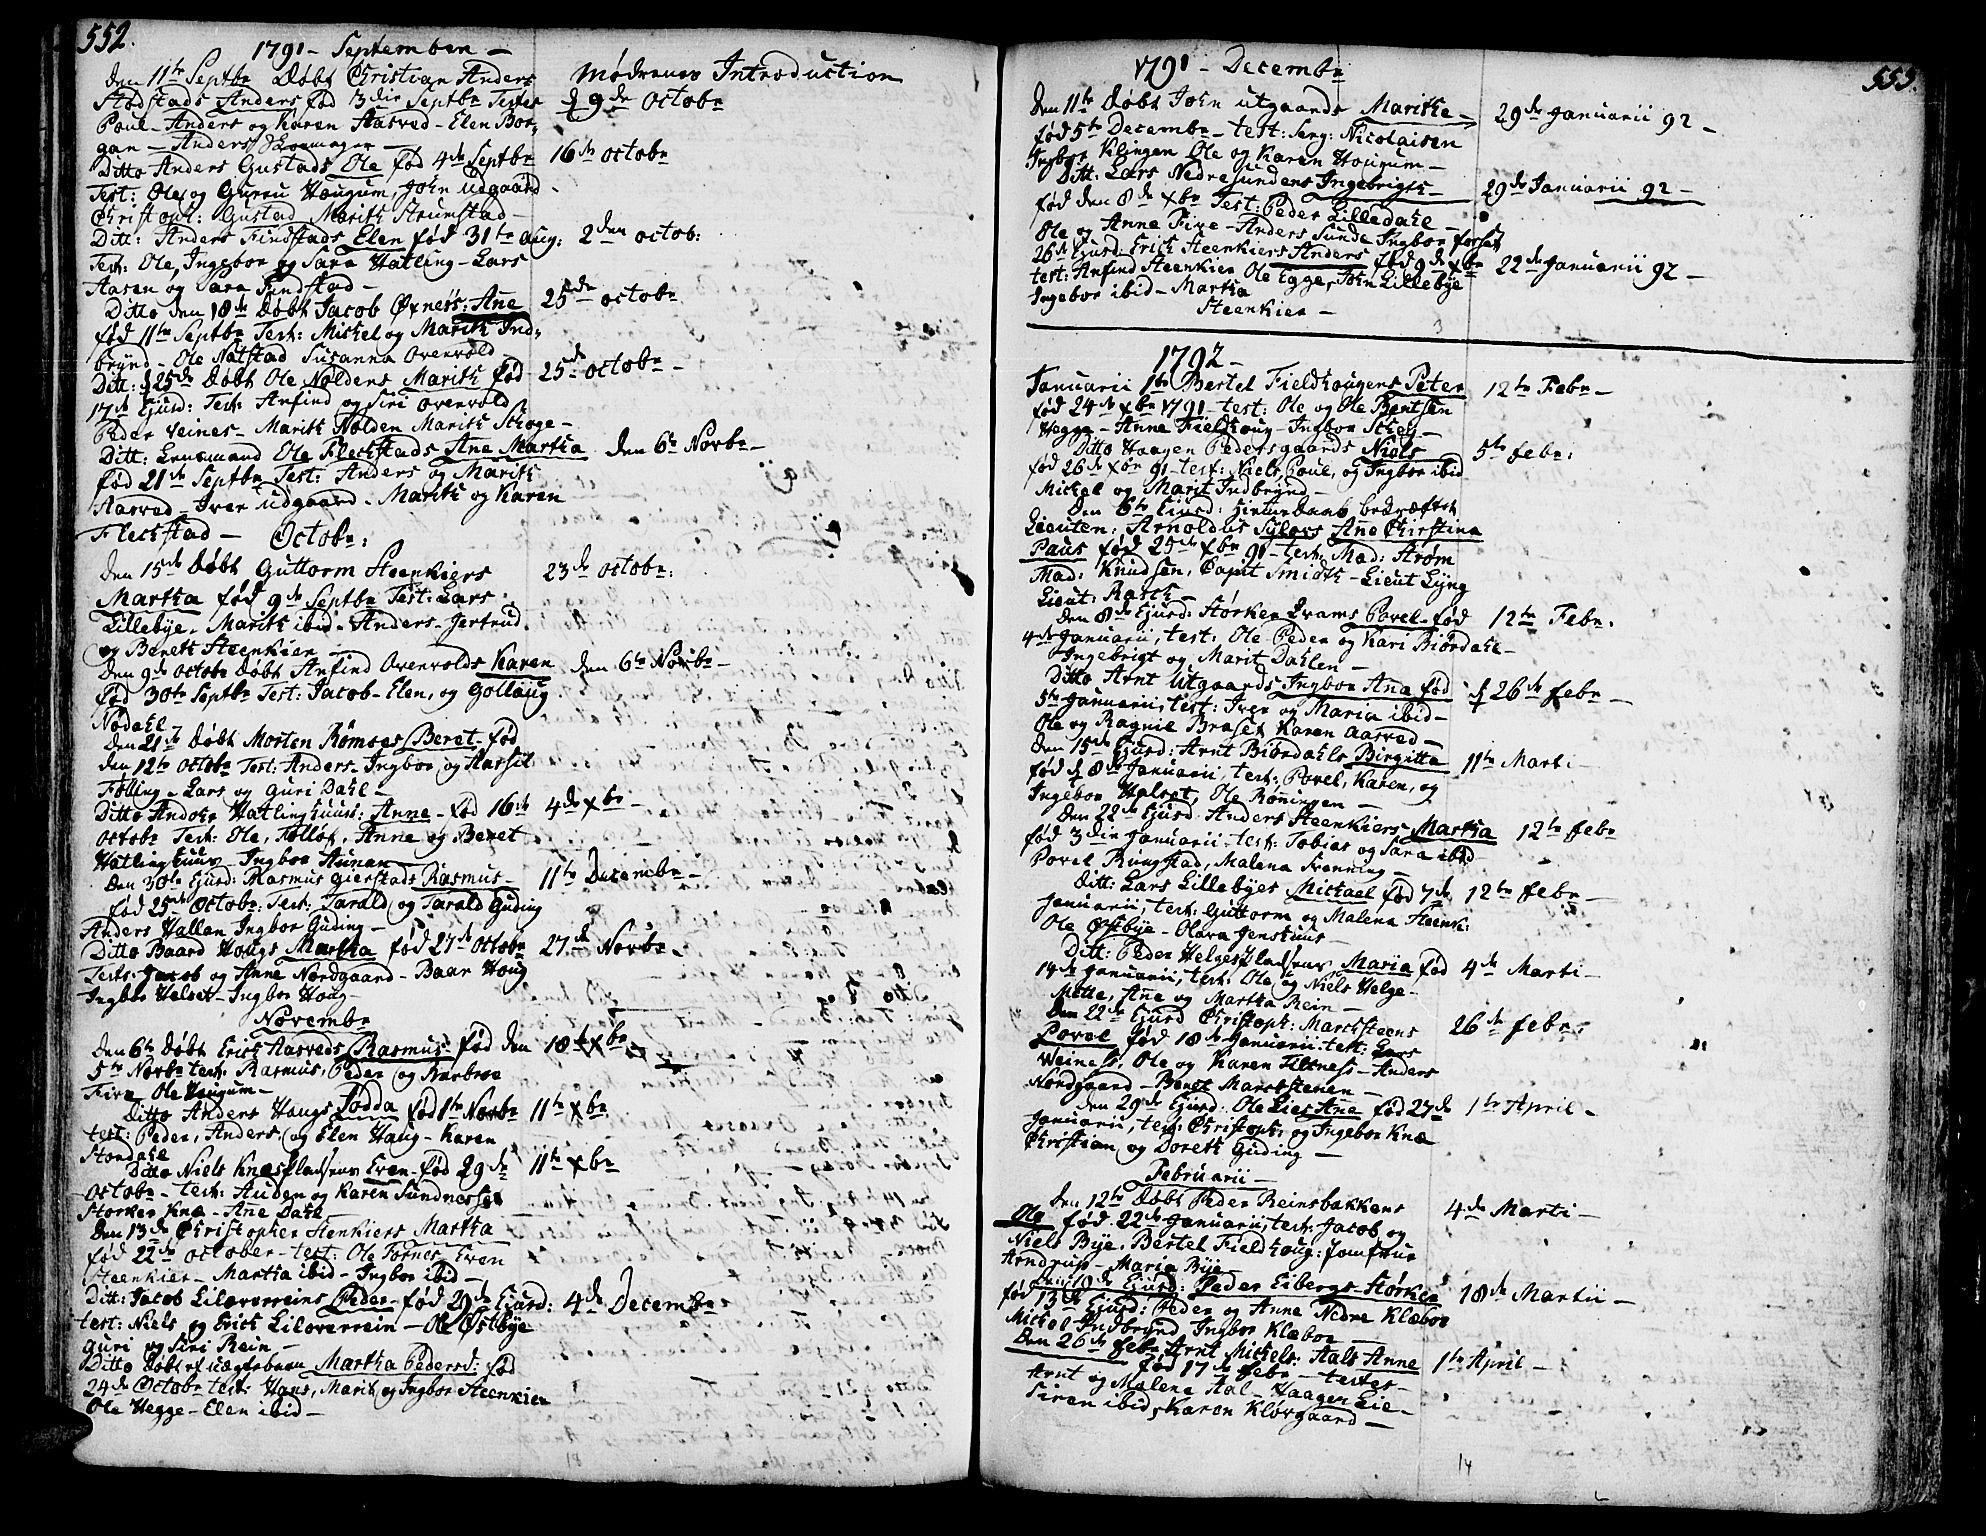 SAT, Ministerialprotokoller, klokkerbøker og fødselsregistre - Nord-Trøndelag, 746/L0440: Ministerialbok nr. 746A02, 1760-1815, s. 552-553